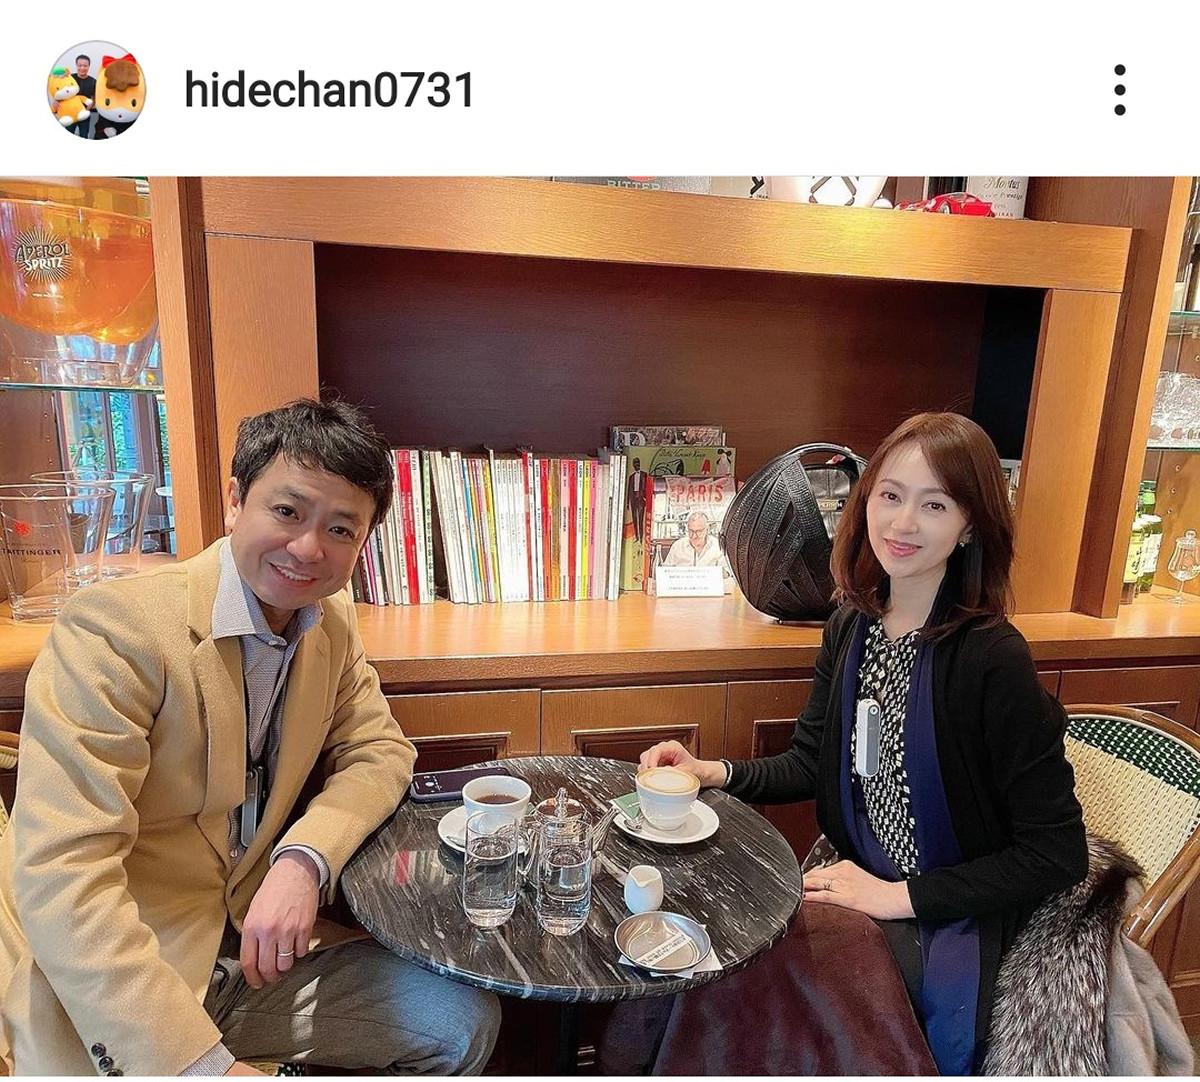 中山秀征、元宝塚の美人妻との2ショットを公開「本当にお美しい」「美男美女夫婦」 : スポーツ報知